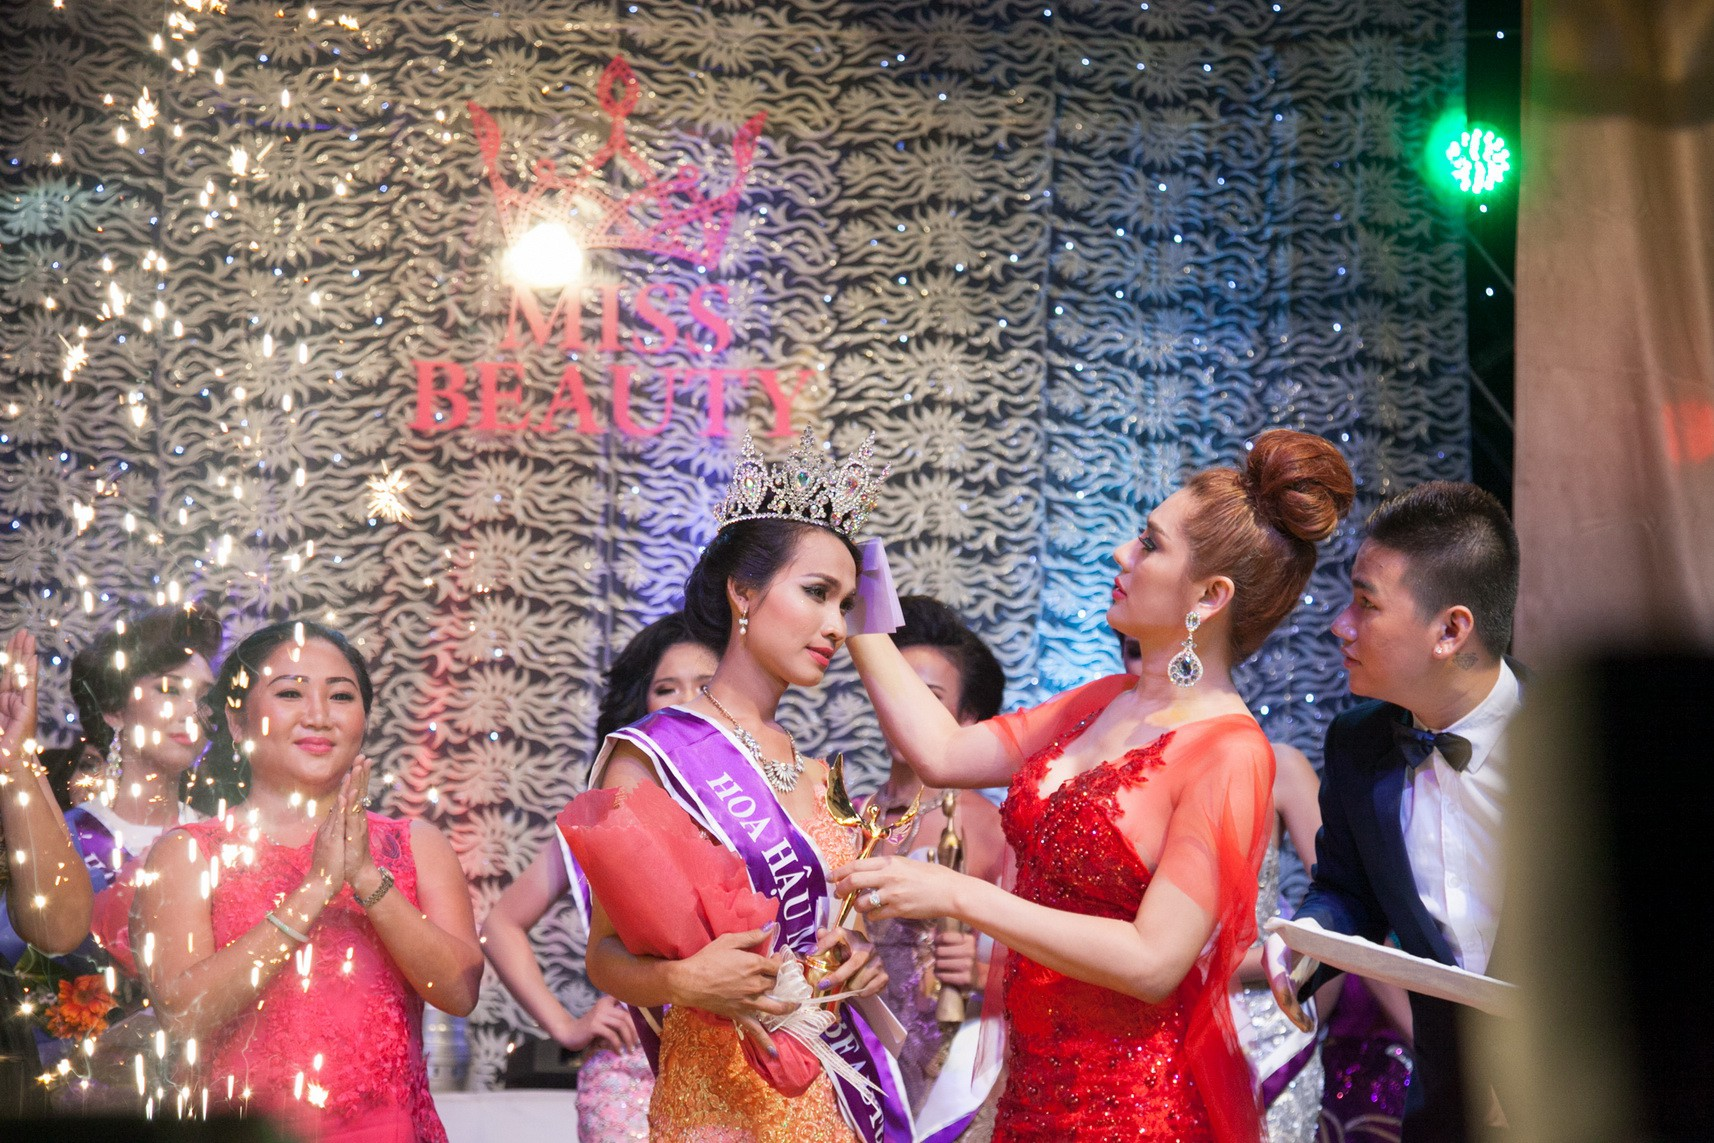 Hoa hậu chuyển giới Việt Nam đầu tiên sau hơn 2 năm đăng quang: Ai cũng nghĩ sau Miss Beauty thì đời mình lên mây - Ảnh 1.